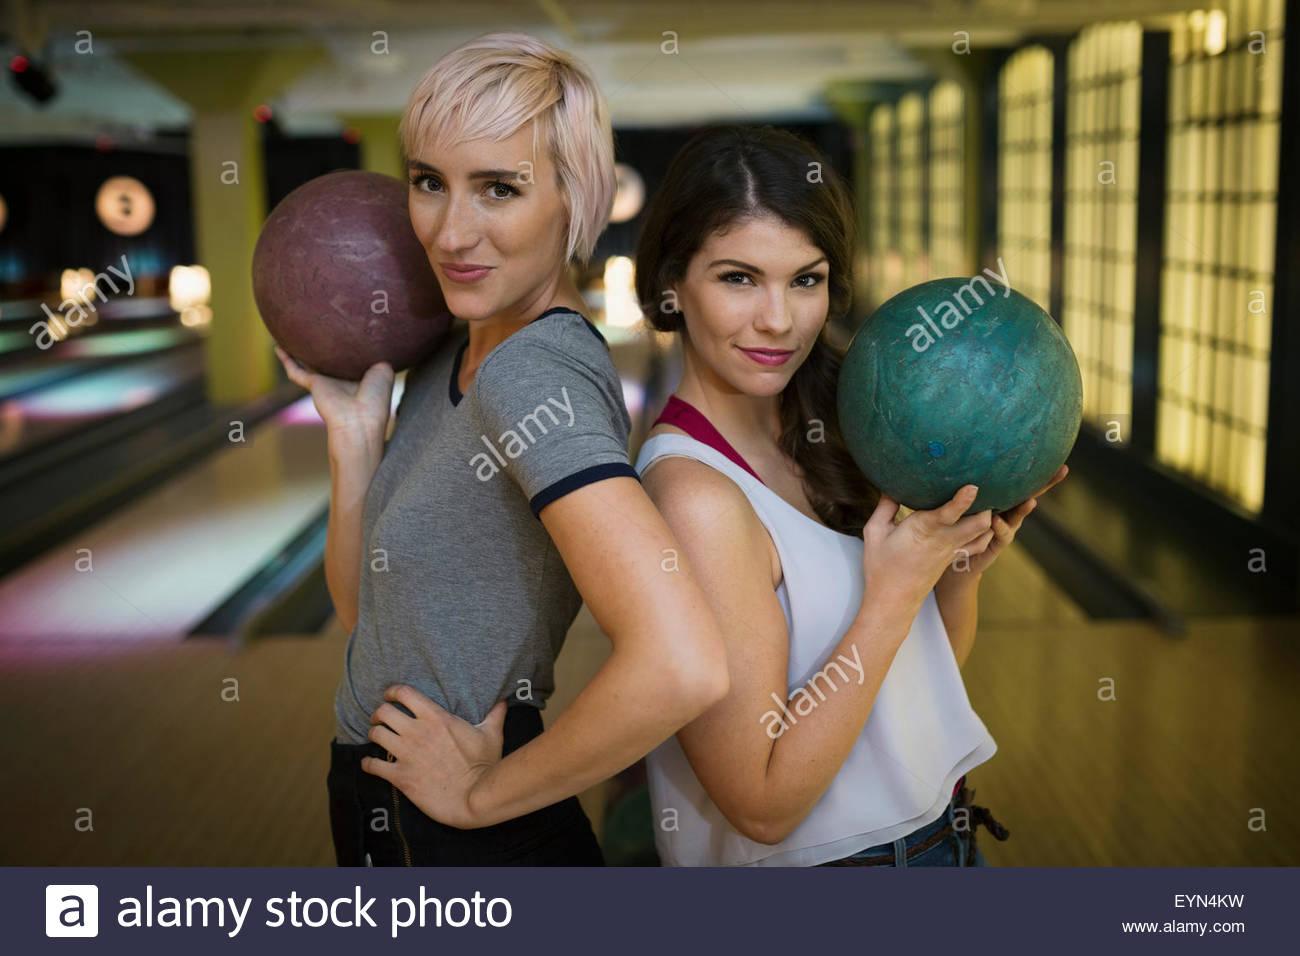 Porträt selbstbewusste junge Frauen halten Bowlingkugeln Stockbild